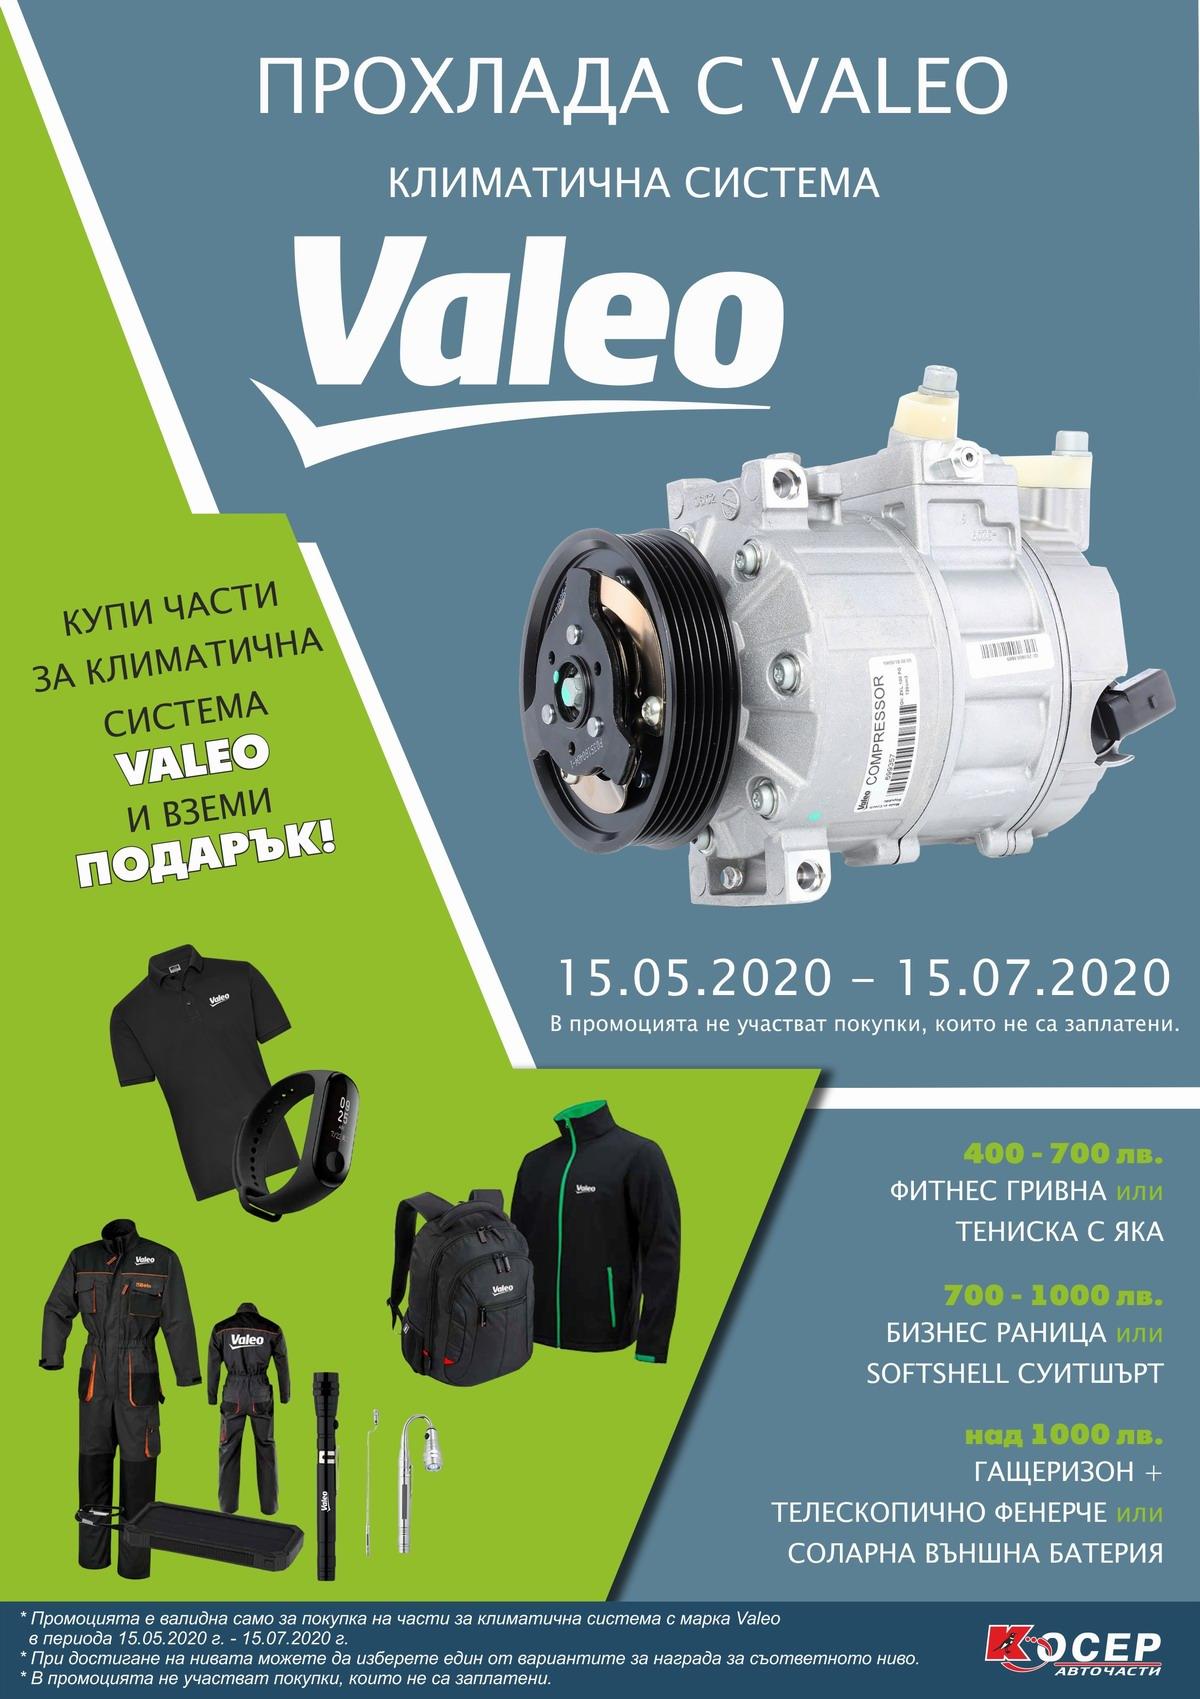 Промоция VALEO, 15.05.2020 - 15.07.2020